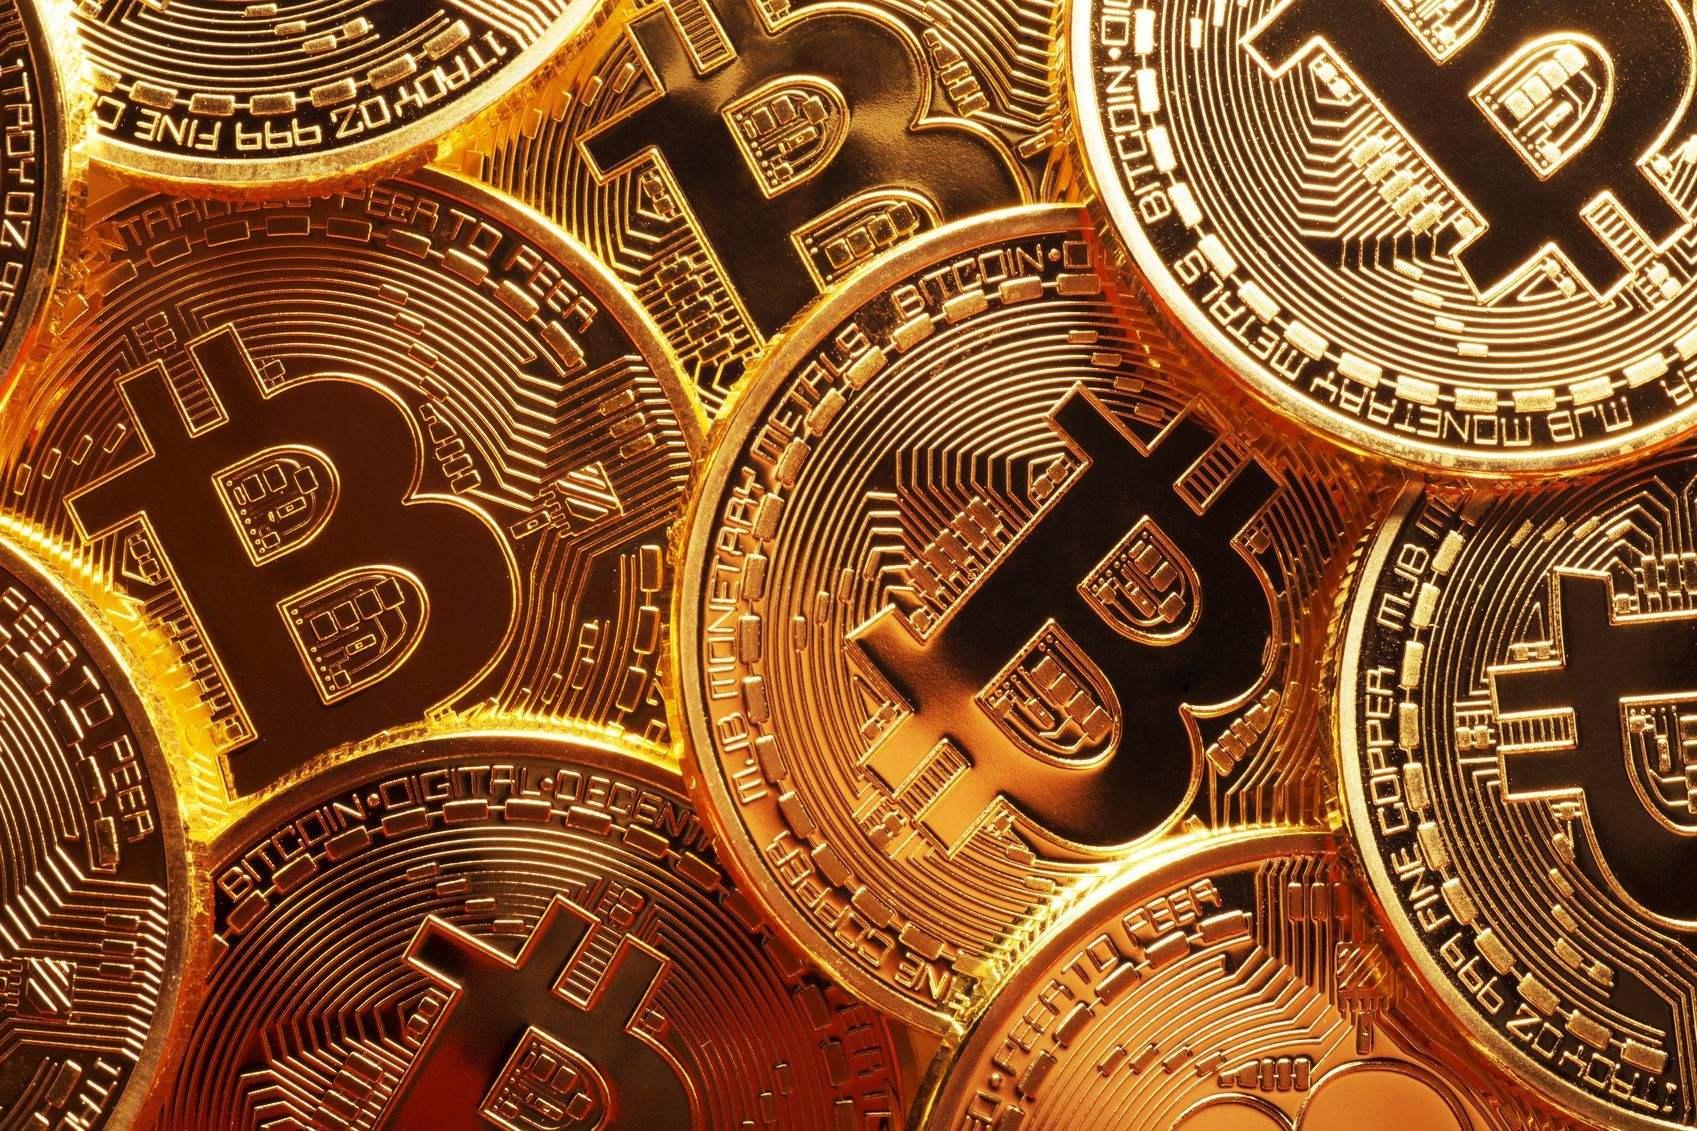 微信、支付宝发声明:不支撑虚拟货币交易